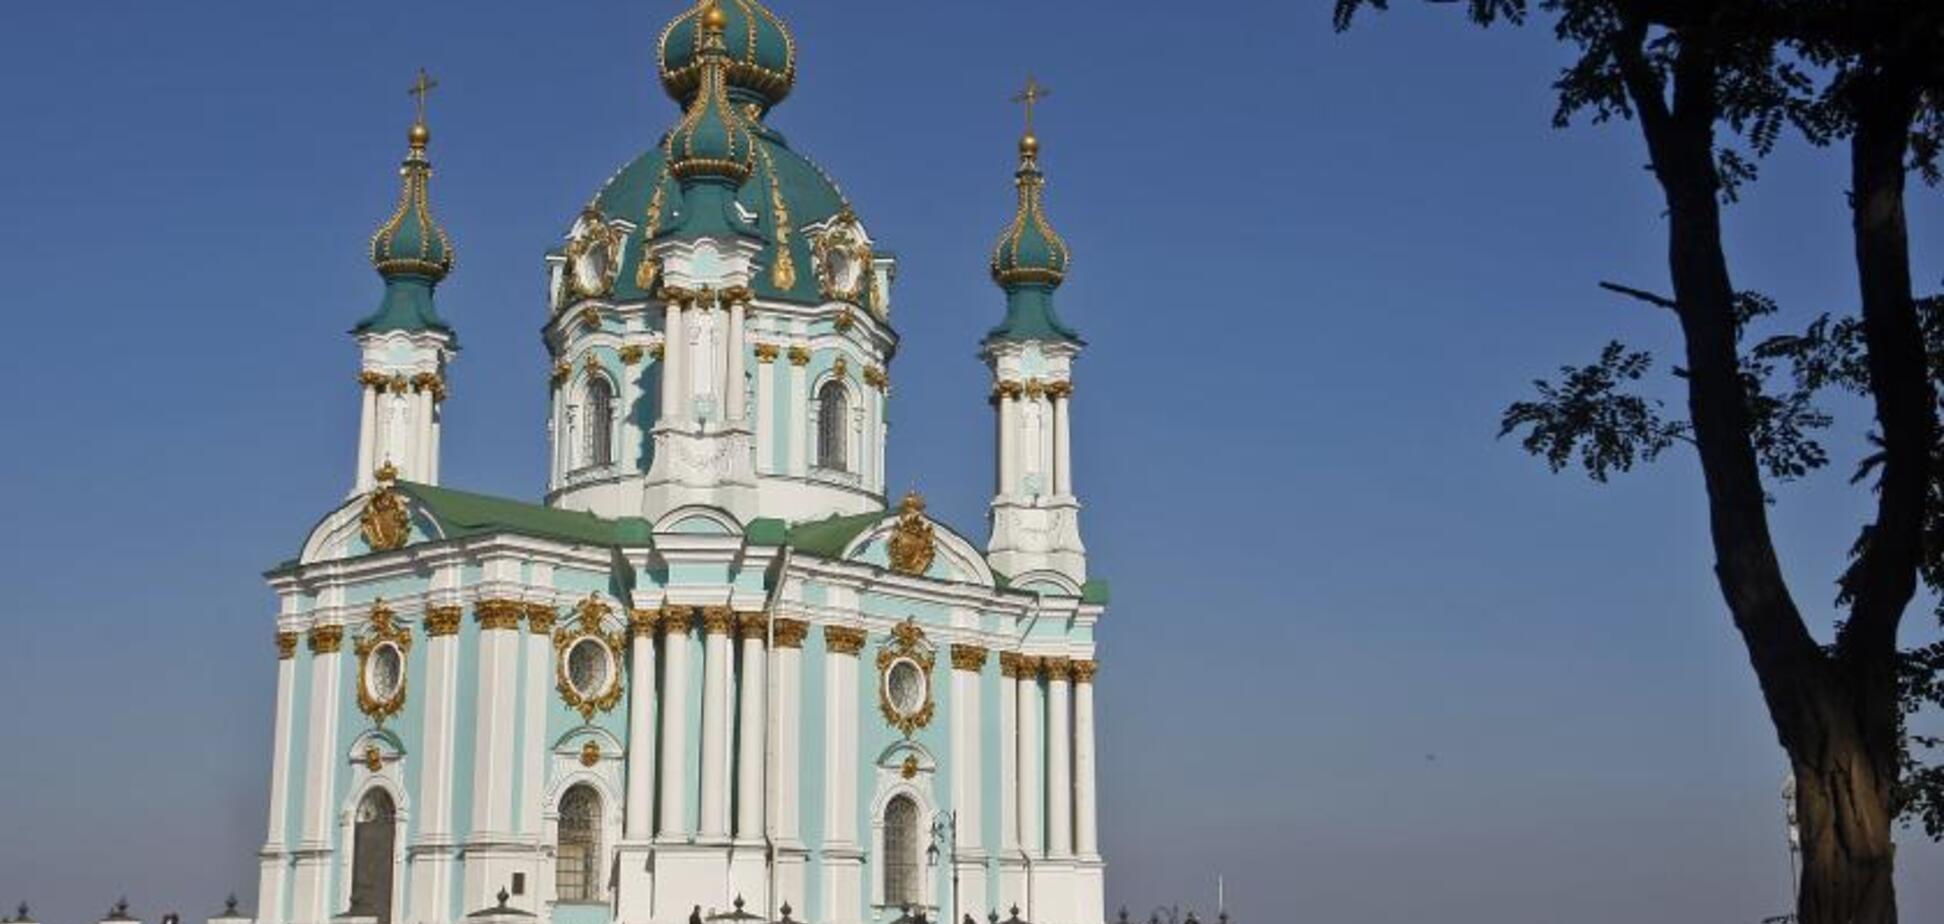 Спецслужбы России готовят провокации: на очереди церкви